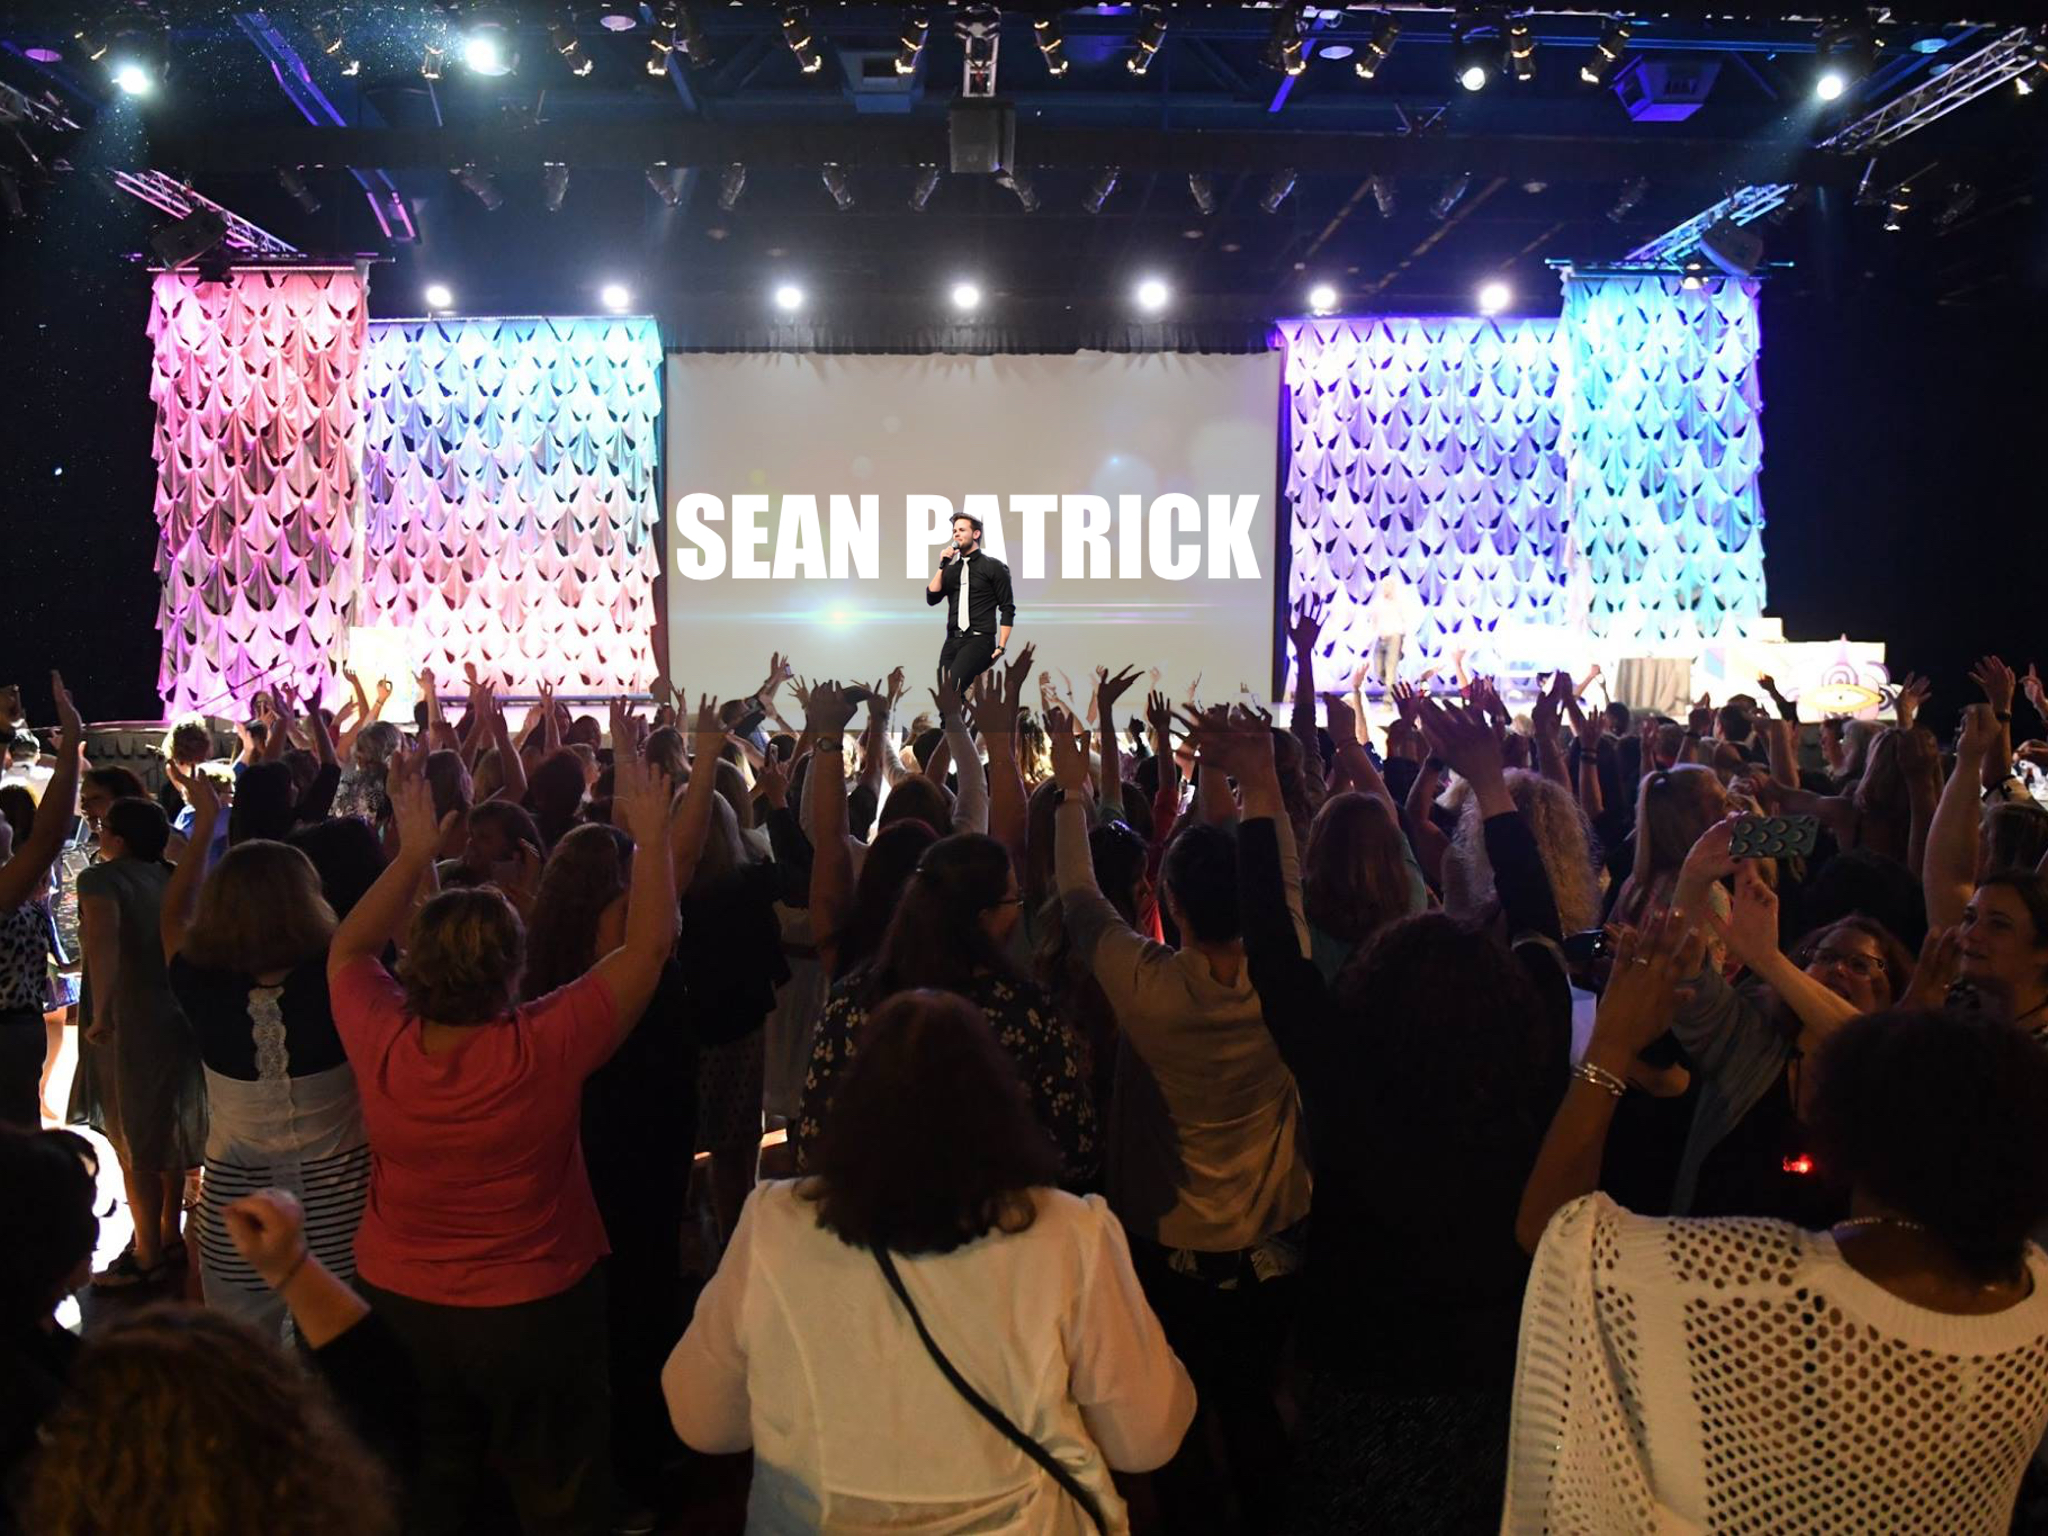 Sean Patrick Speaking.jpg